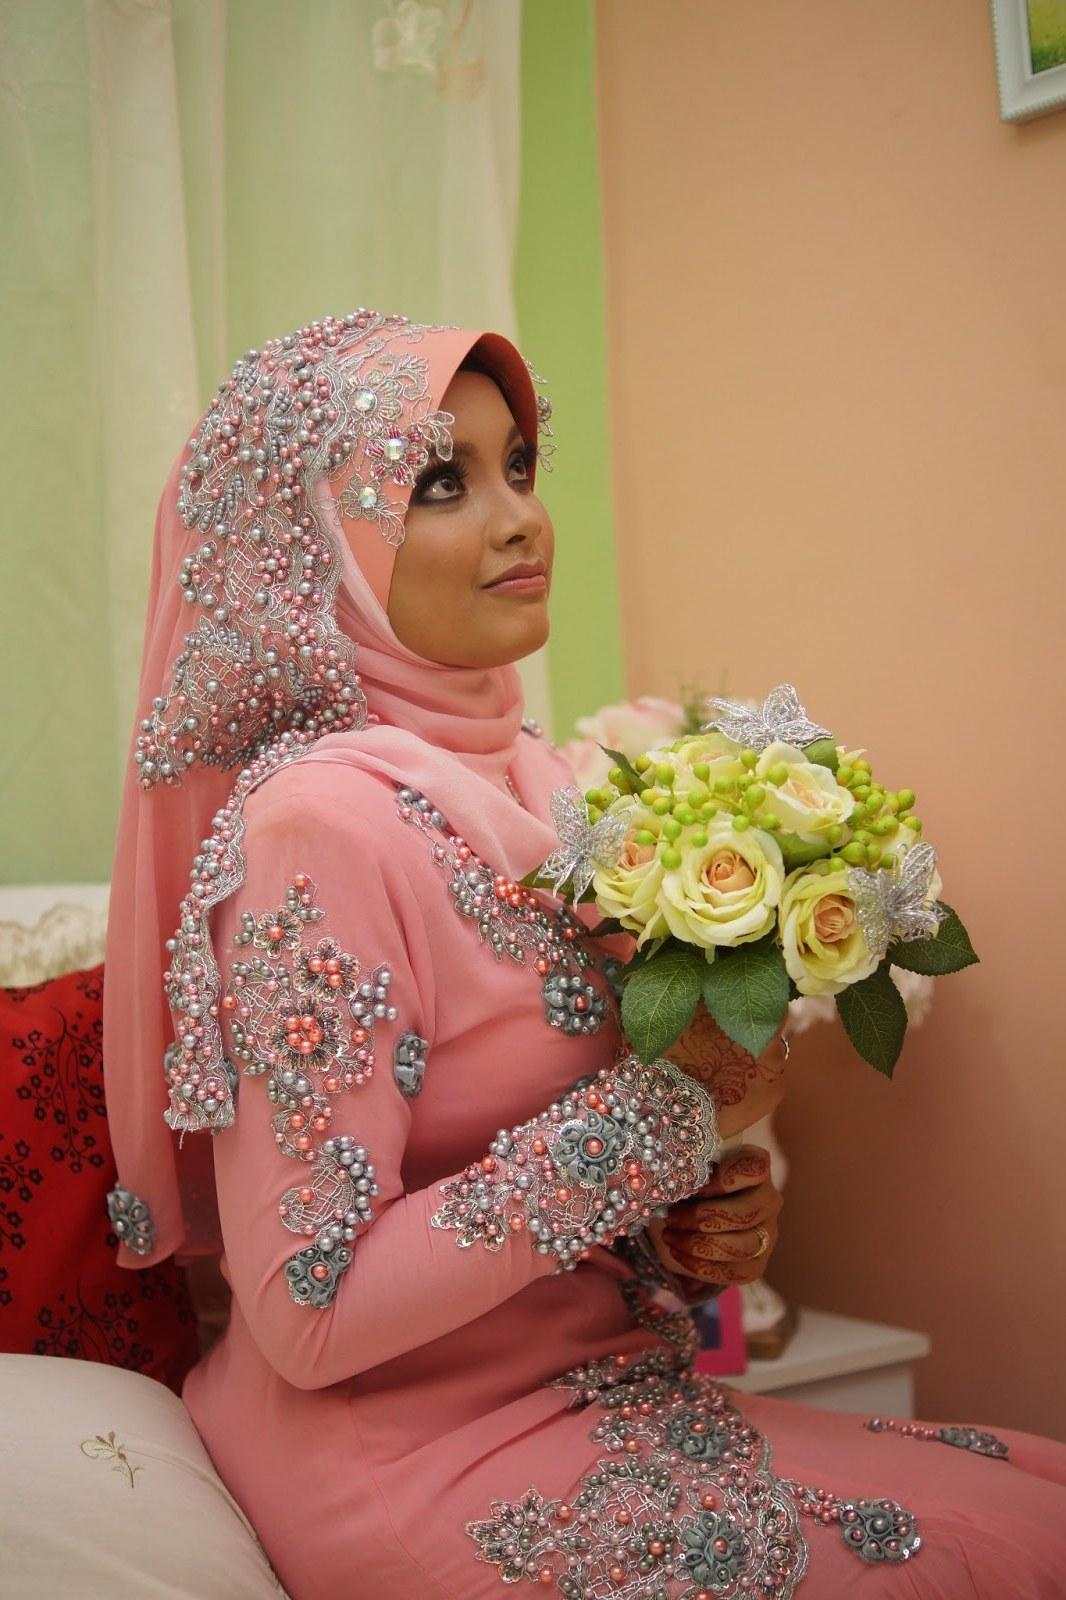 Ide Sewa Baju Pengantin Muslimah Syar'i 3id6 Yaya Ayarus Sewa Baju Pengantin